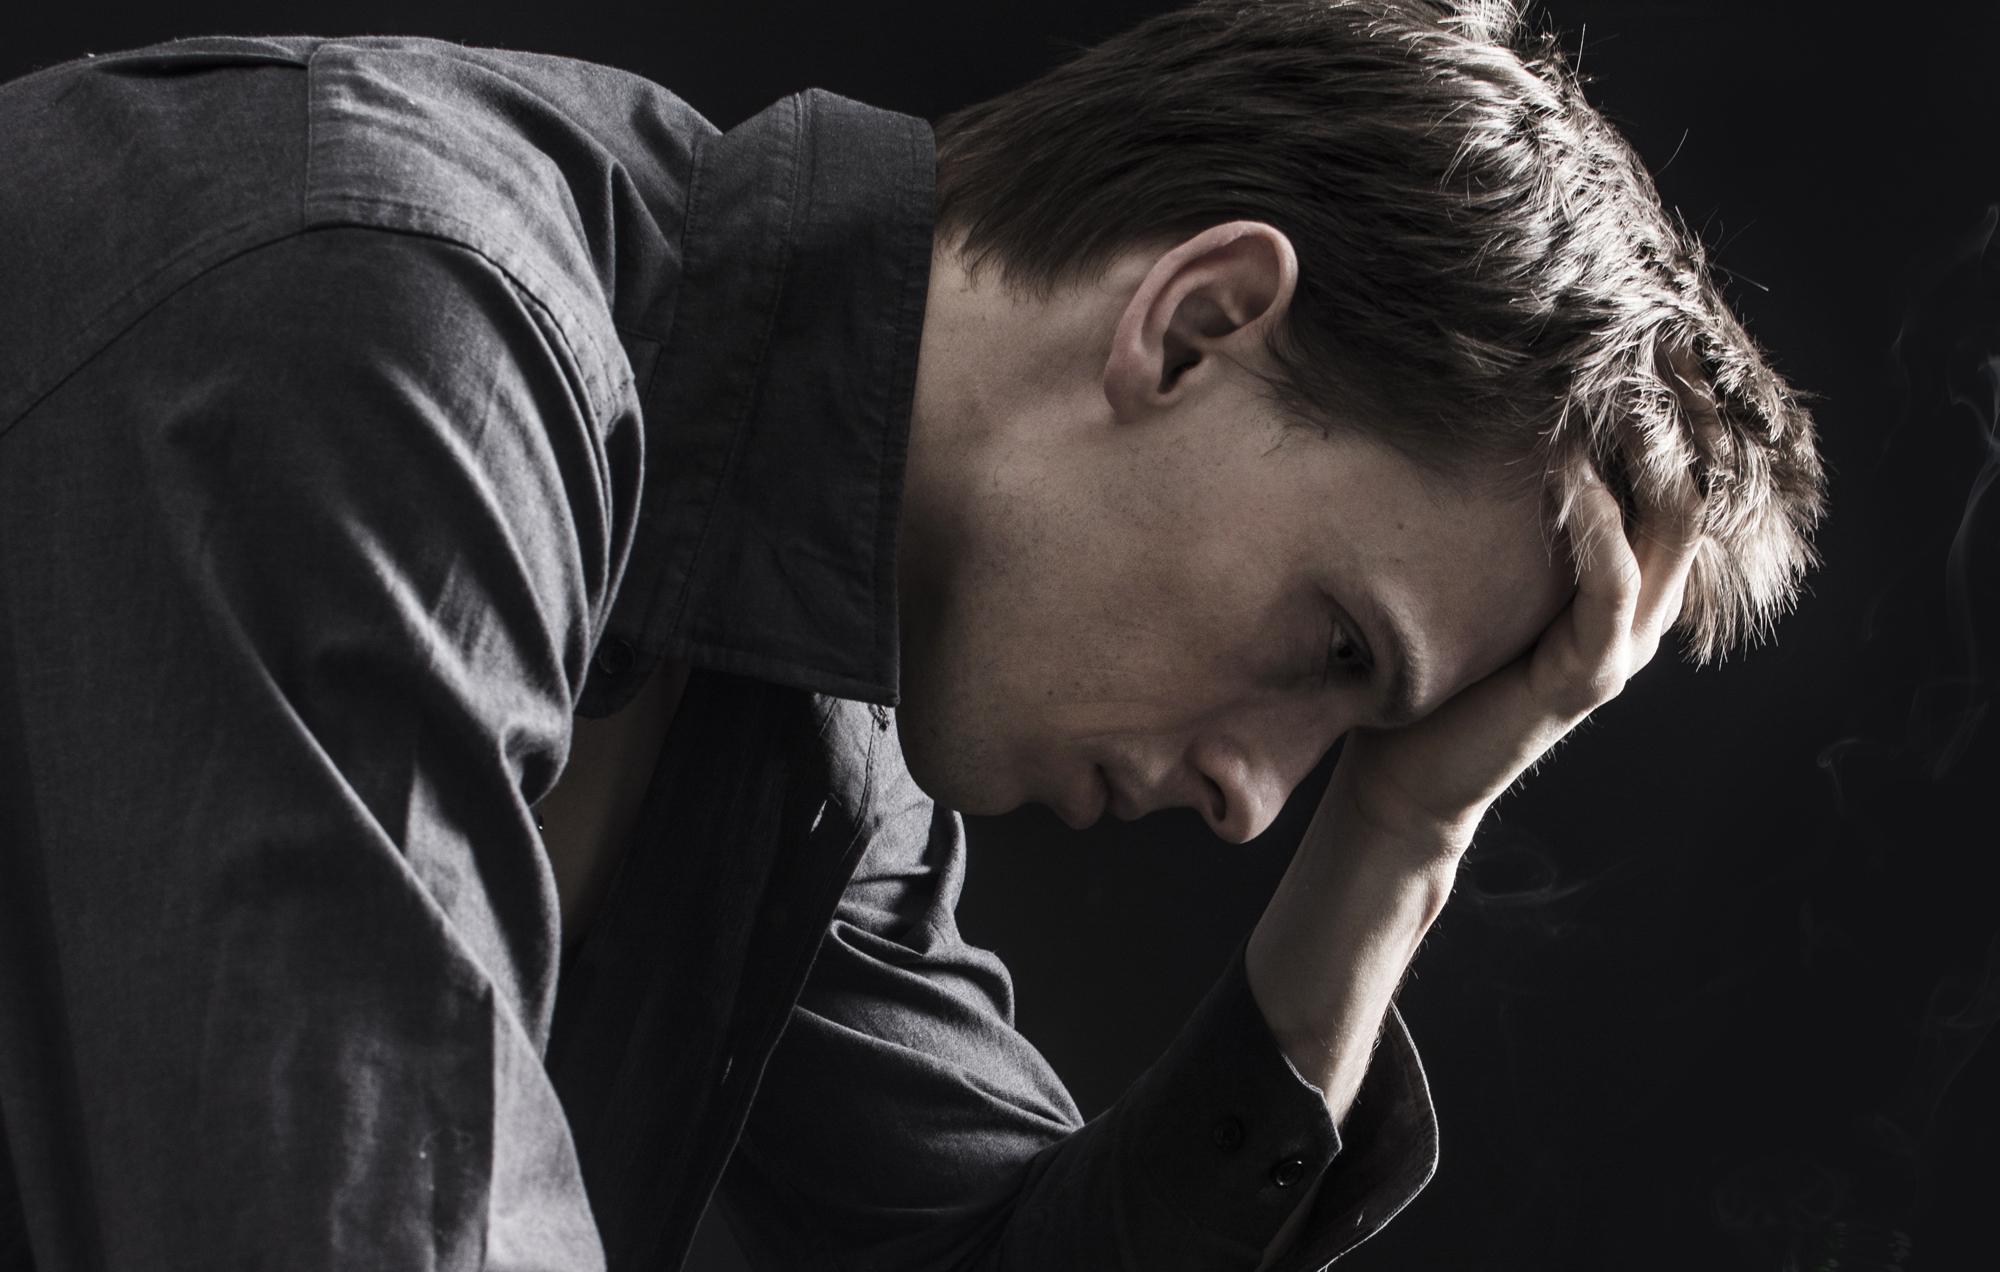 Про лечение депрессии и беспричинной тревожности с помощью ТЭС-терапии и гипнотерапии